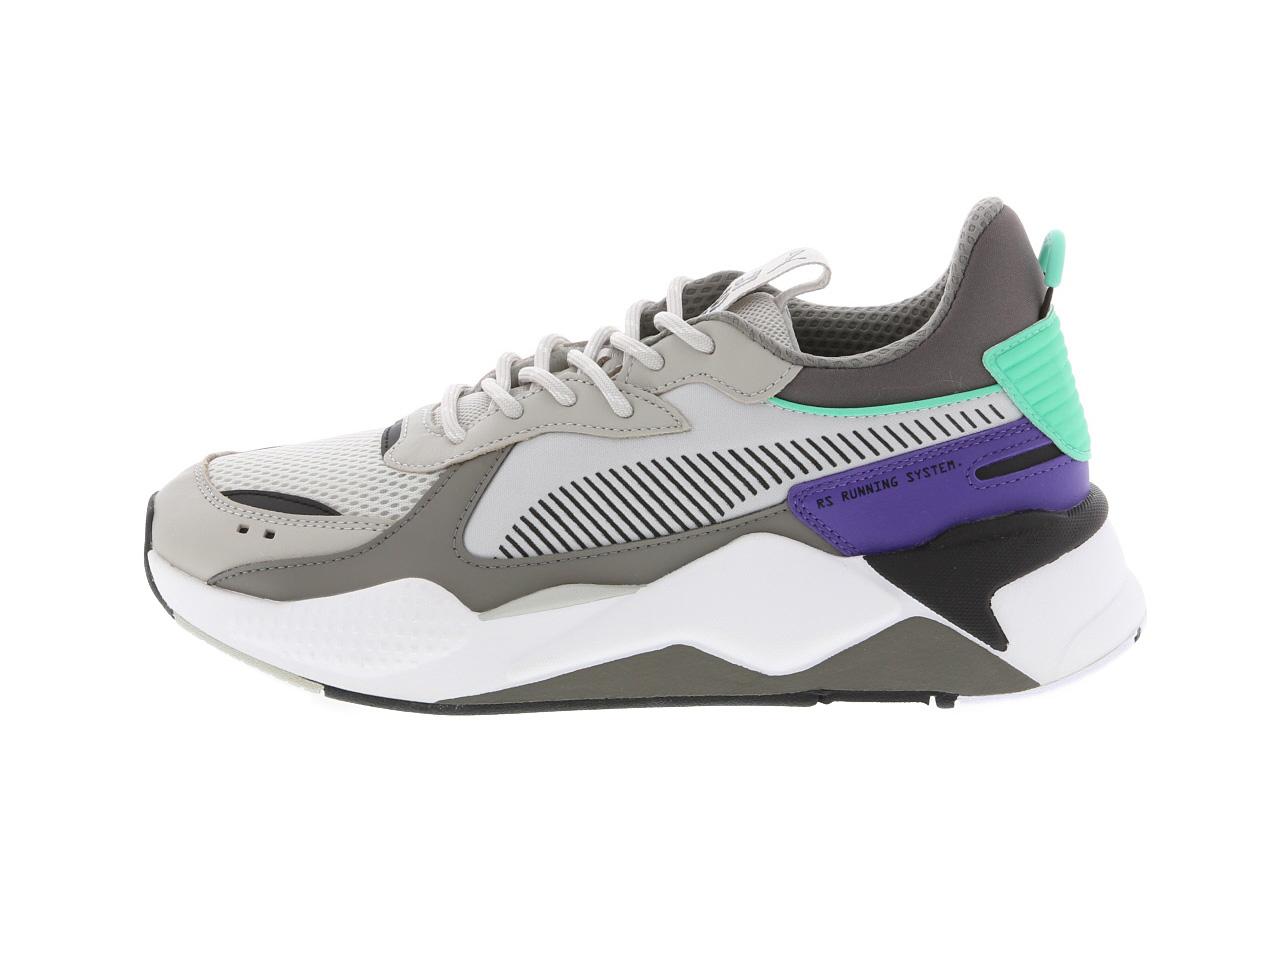 【全品ポイント10倍!期間限定★今すぐエントリー!(4/1~4/30)】【3/16発売】PUMA RS-X TRACKS(369332-01)【プーマ】【メンズファッション】【スニーカー】【シューズ】【靴】【フットウェア】